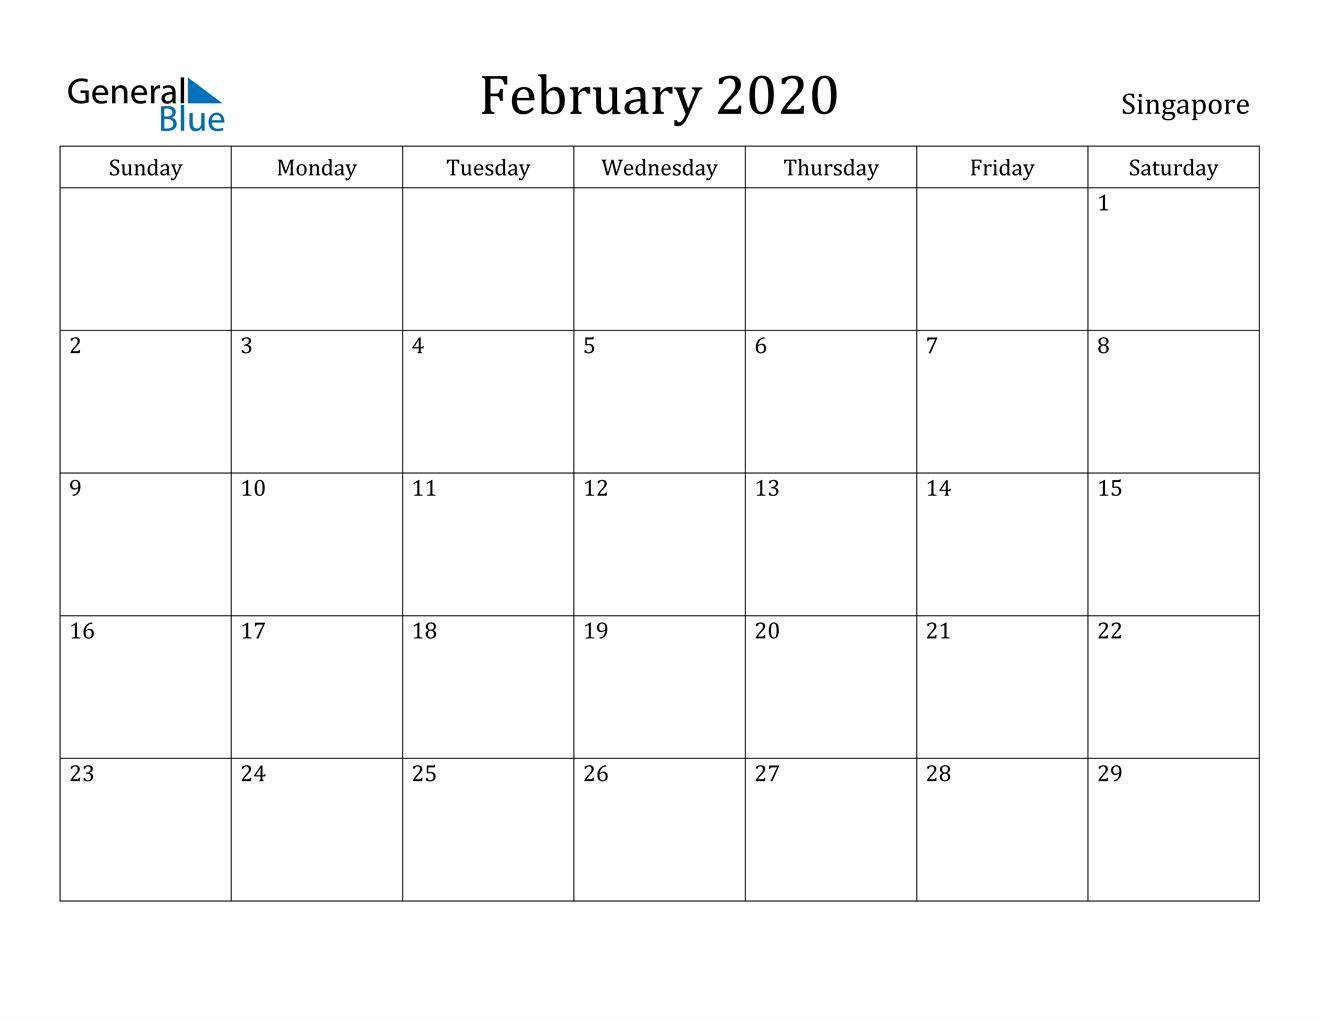 Image of February 2020 Singapore Calendar with Holidays Calendar